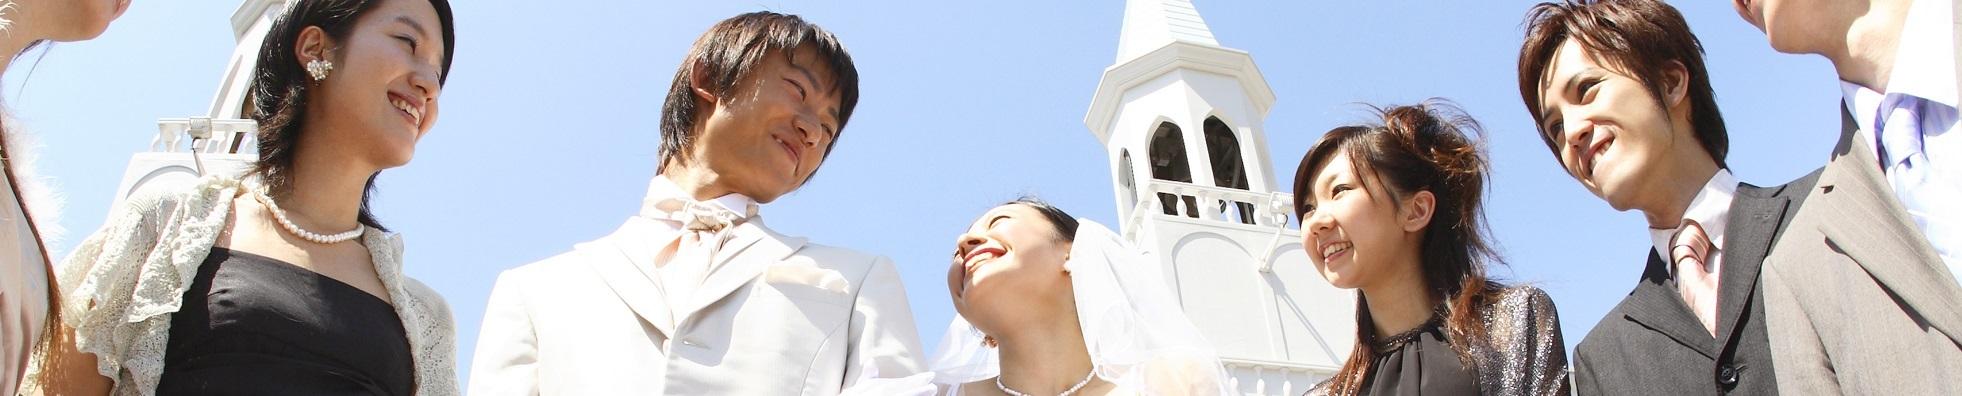 東出昌大と渡部健、女性はどちらの不倫を許せる? 夫婦恋愛で浮気封じ基本4